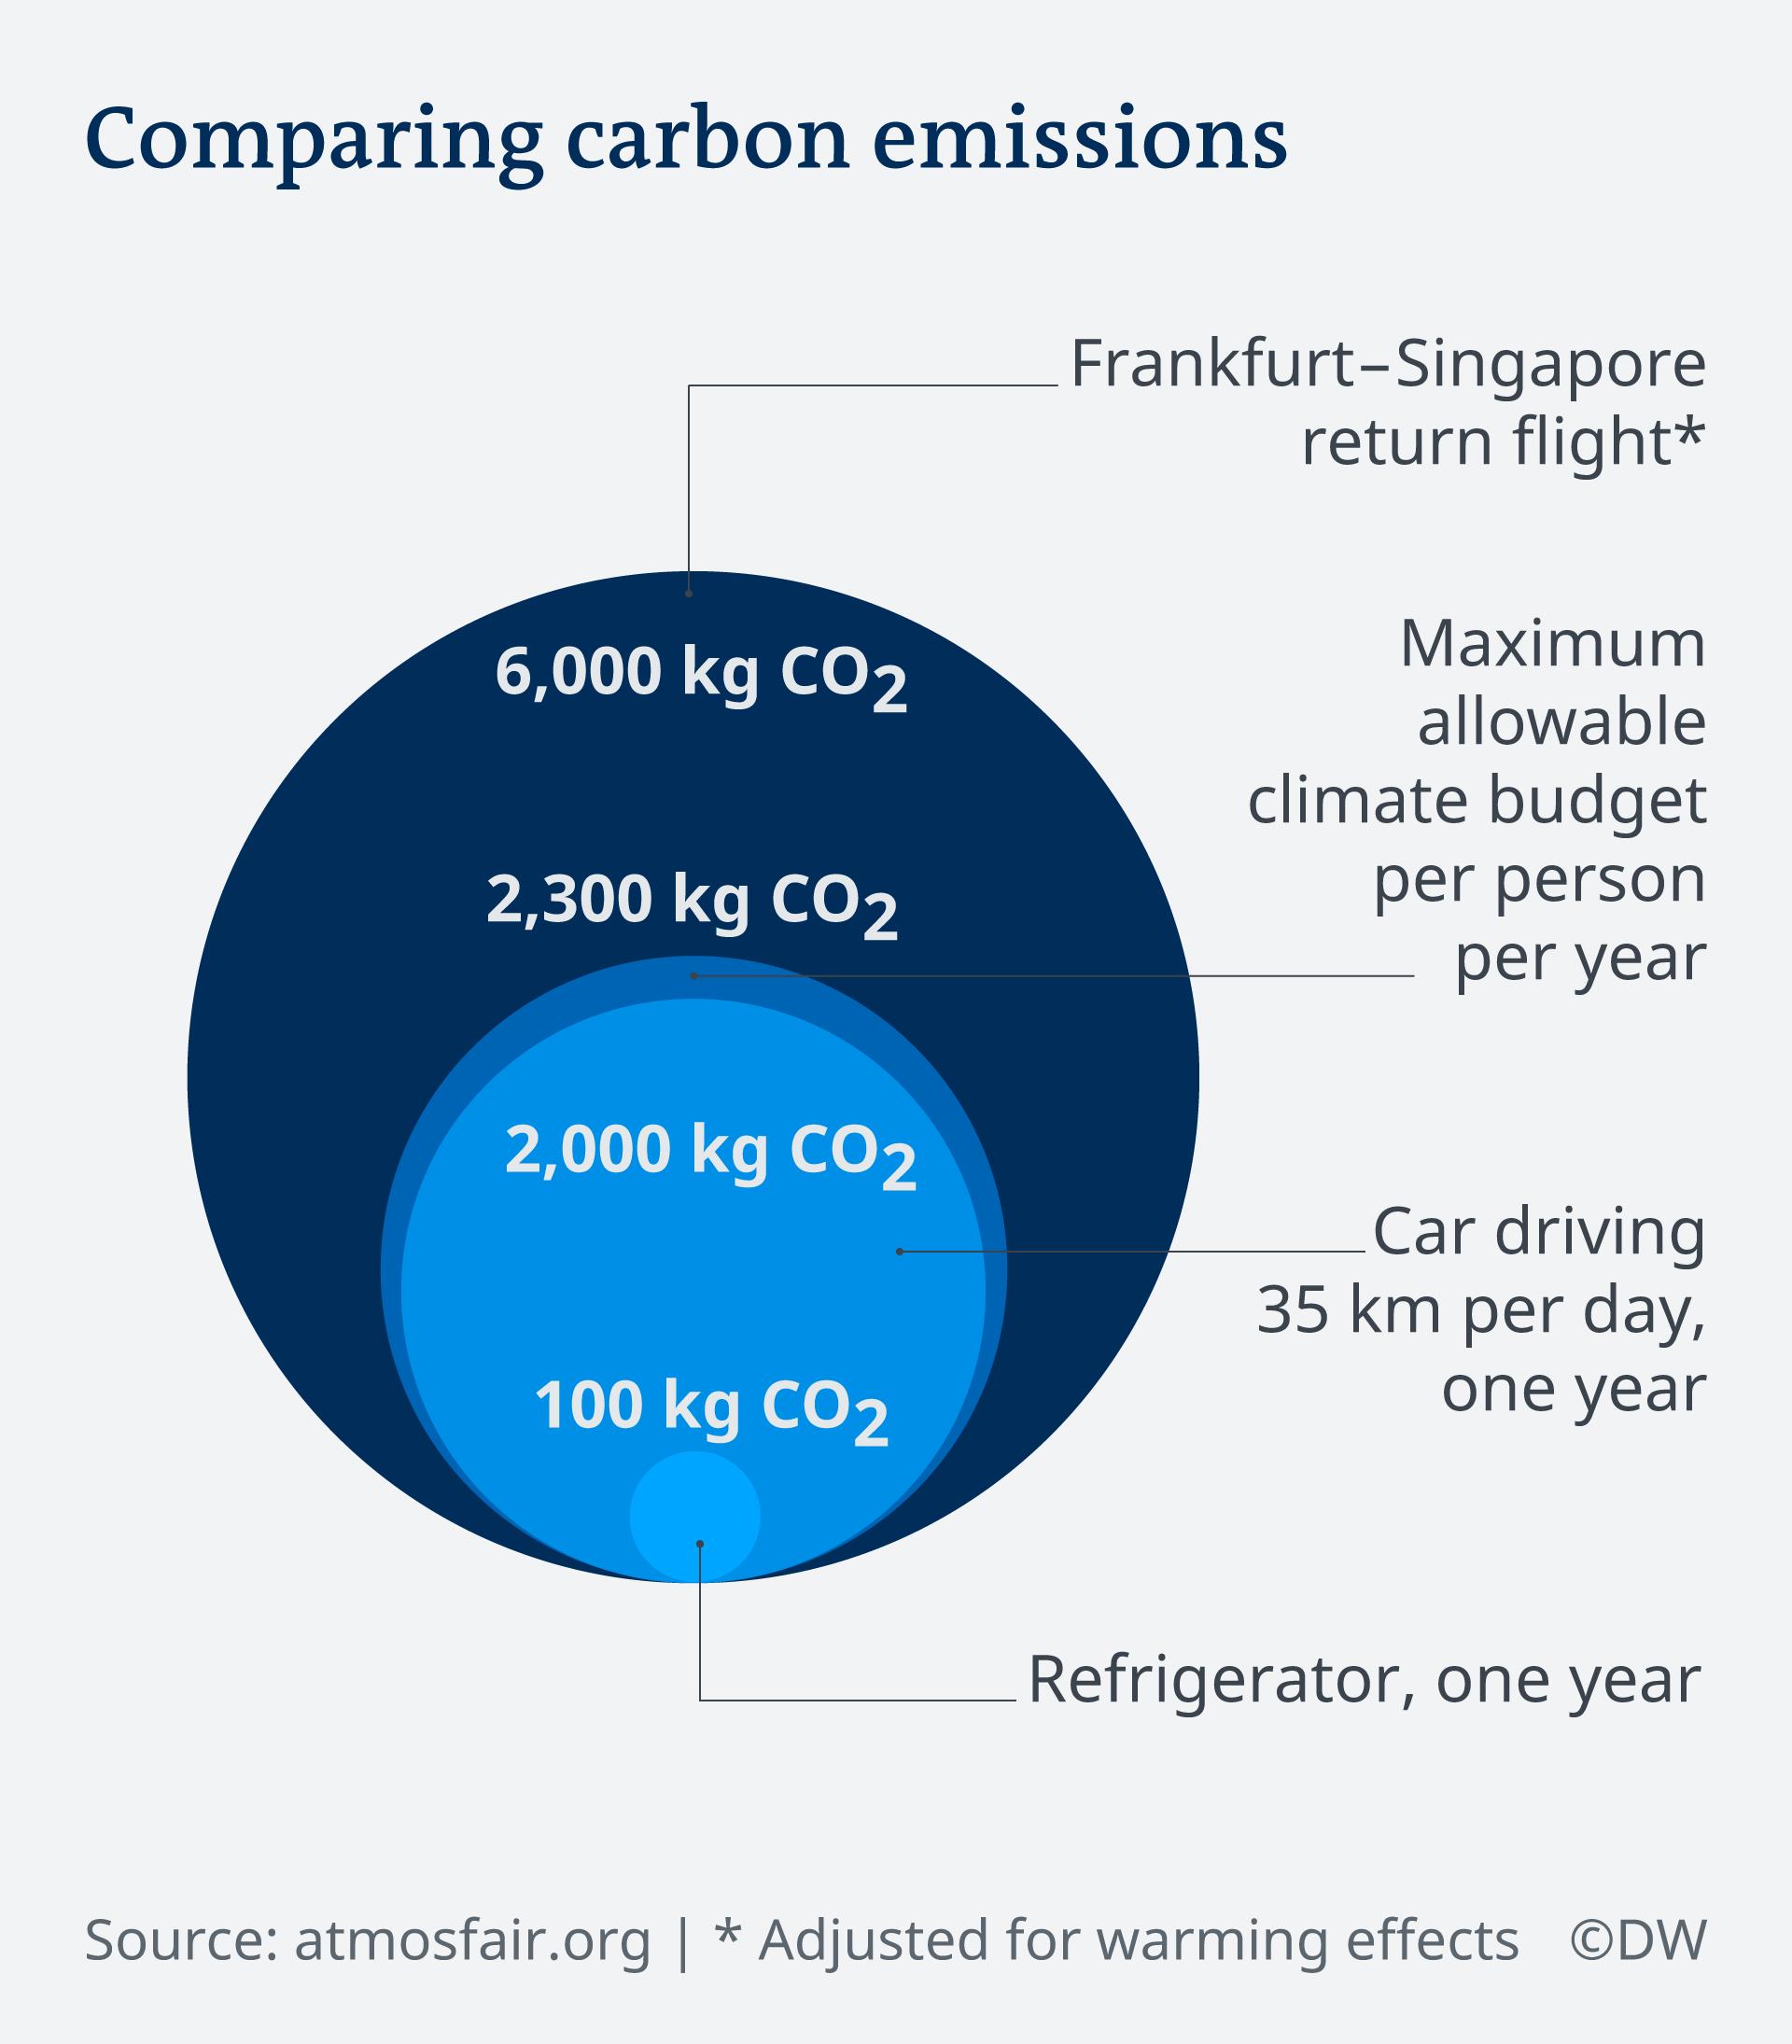 Συγκριτικός πίνακας για το αποτύπωμα CO2 από διάφορες δραστηριότητες